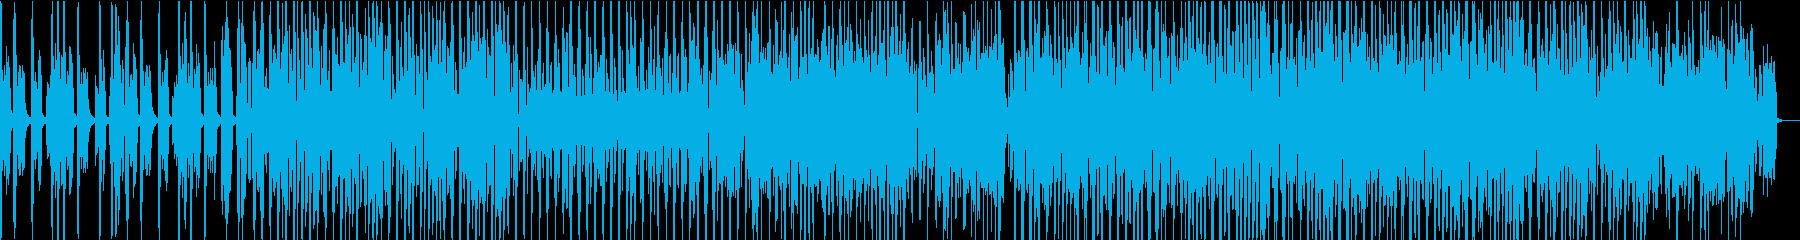 冷たくてノリノリ BPM135 の再生済みの波形